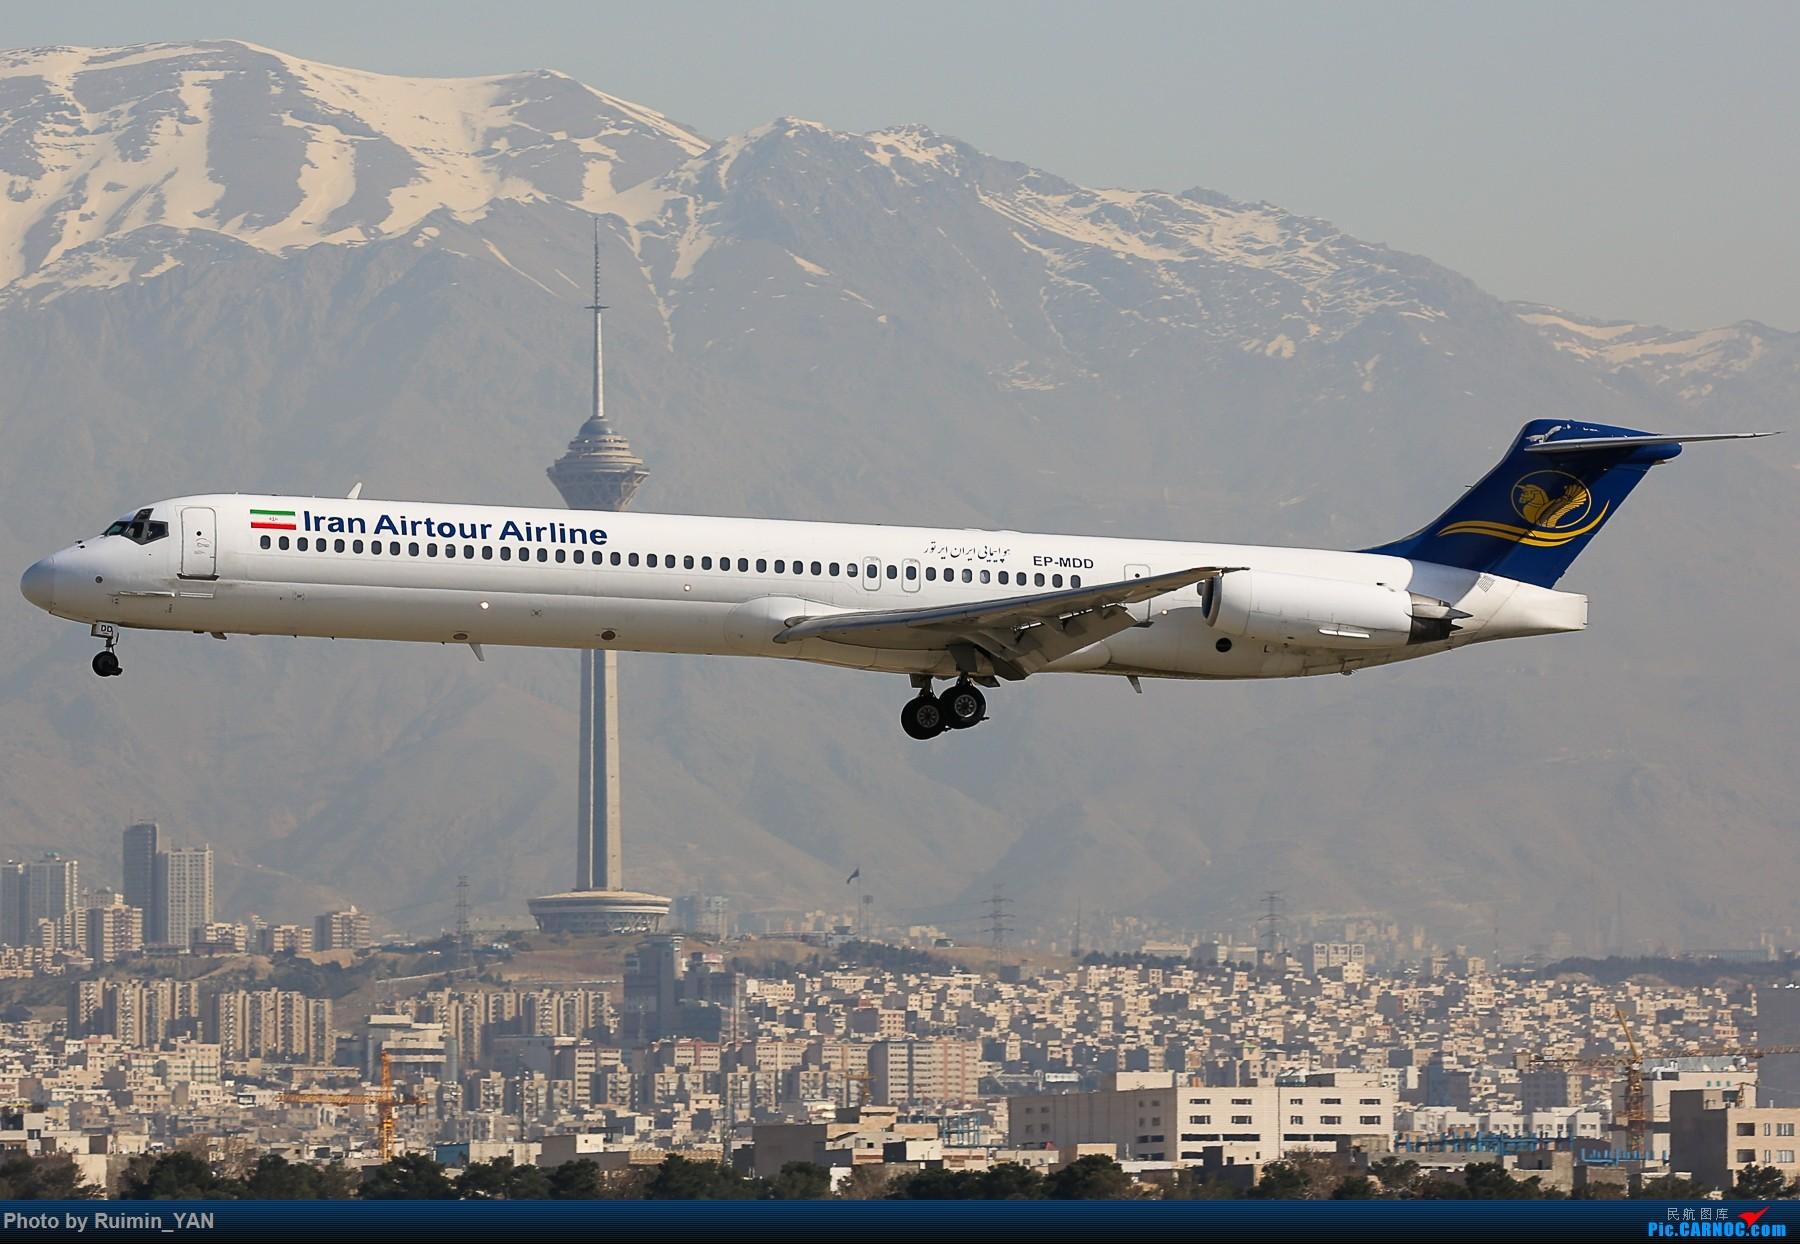 [原创]【THR】(德黑兰梅赫拉巴德机场)伊朗航空旅游公司(Iran Air Tours,B9)--MD82 MD MD-80-82 EP-MDD 德黑兰梅赫拉巴德国际机场